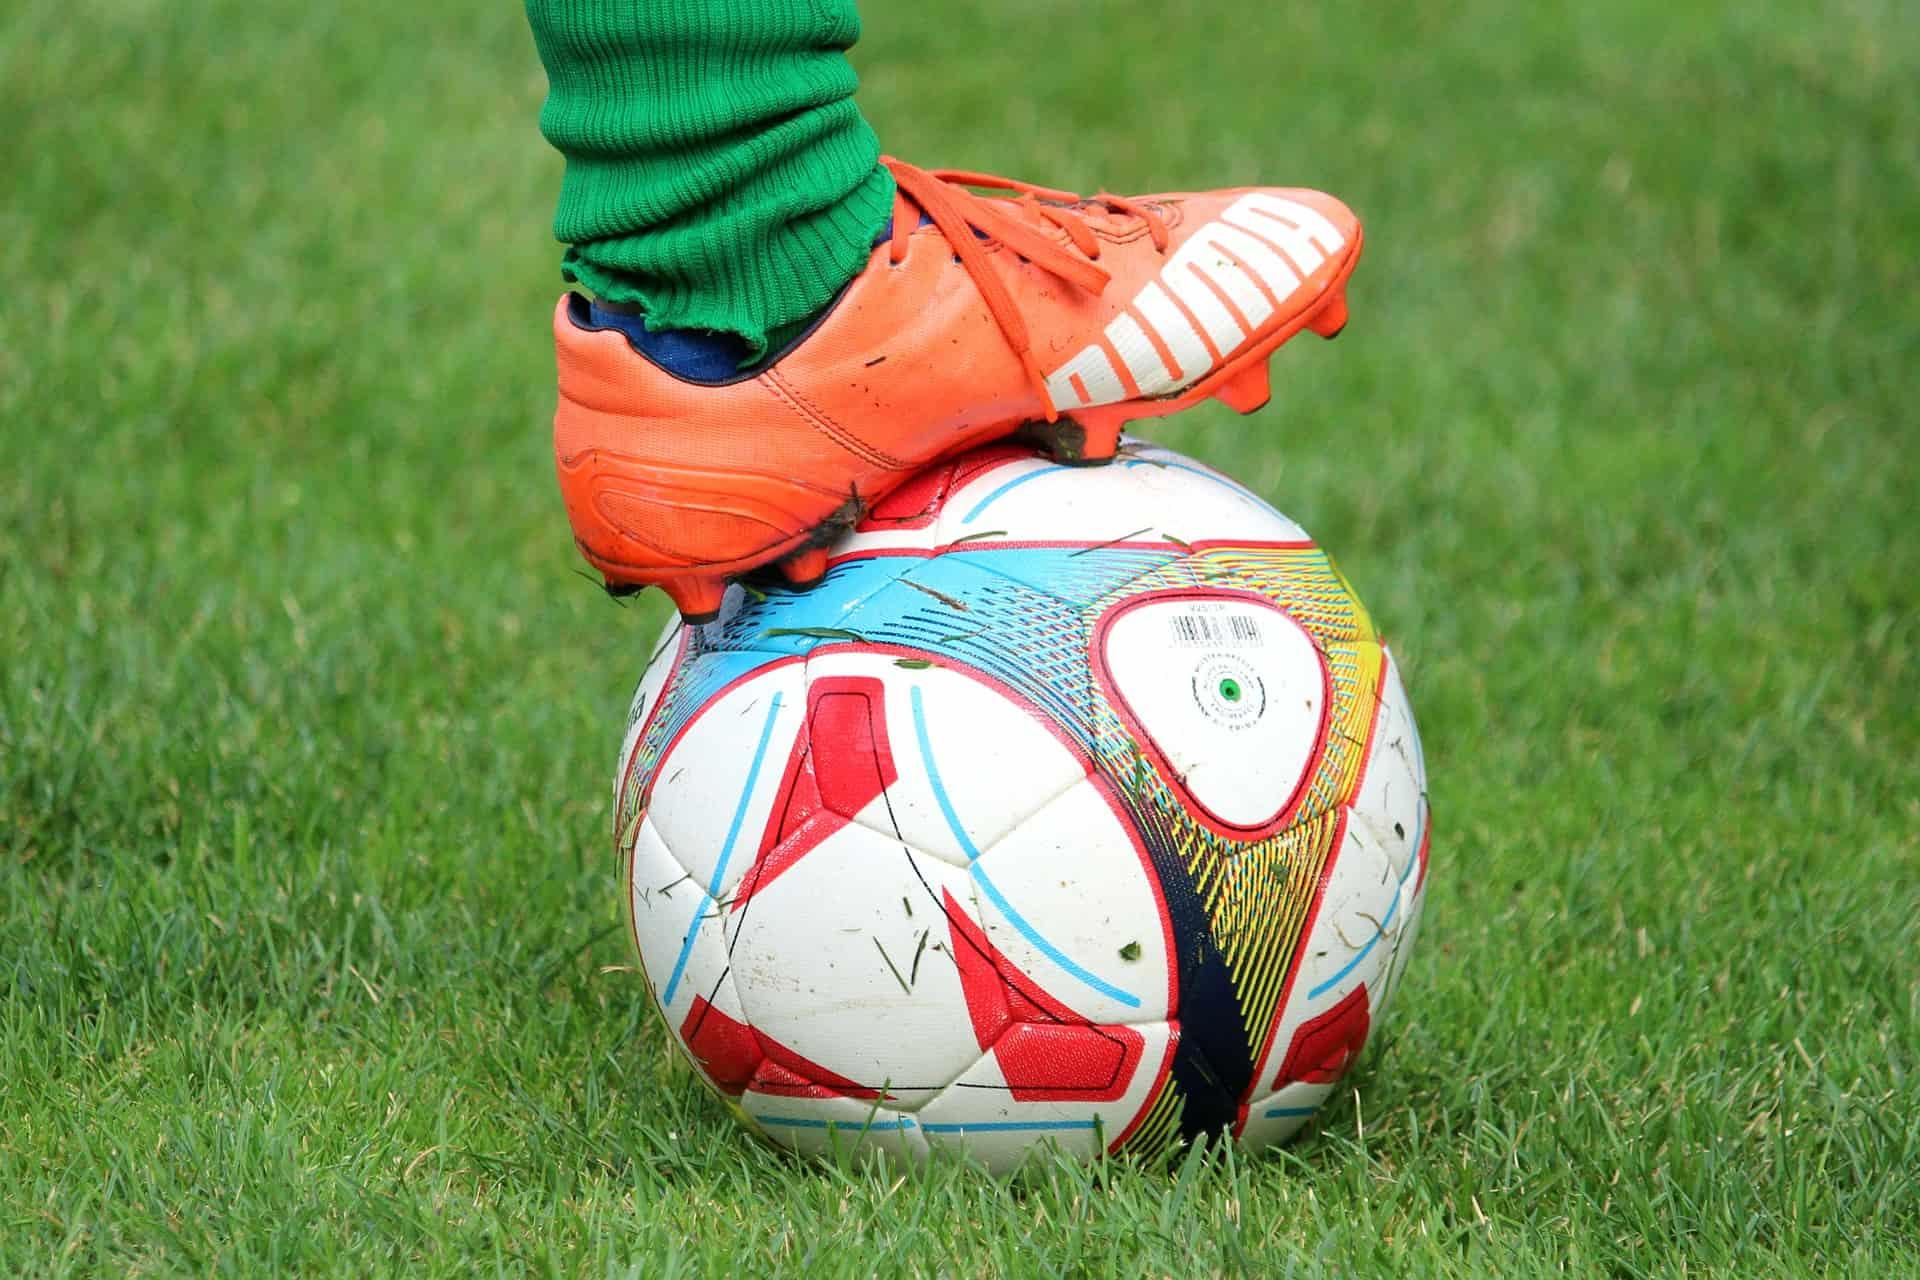 Fußballschuhe: Test & Empfehlungen (04/21)